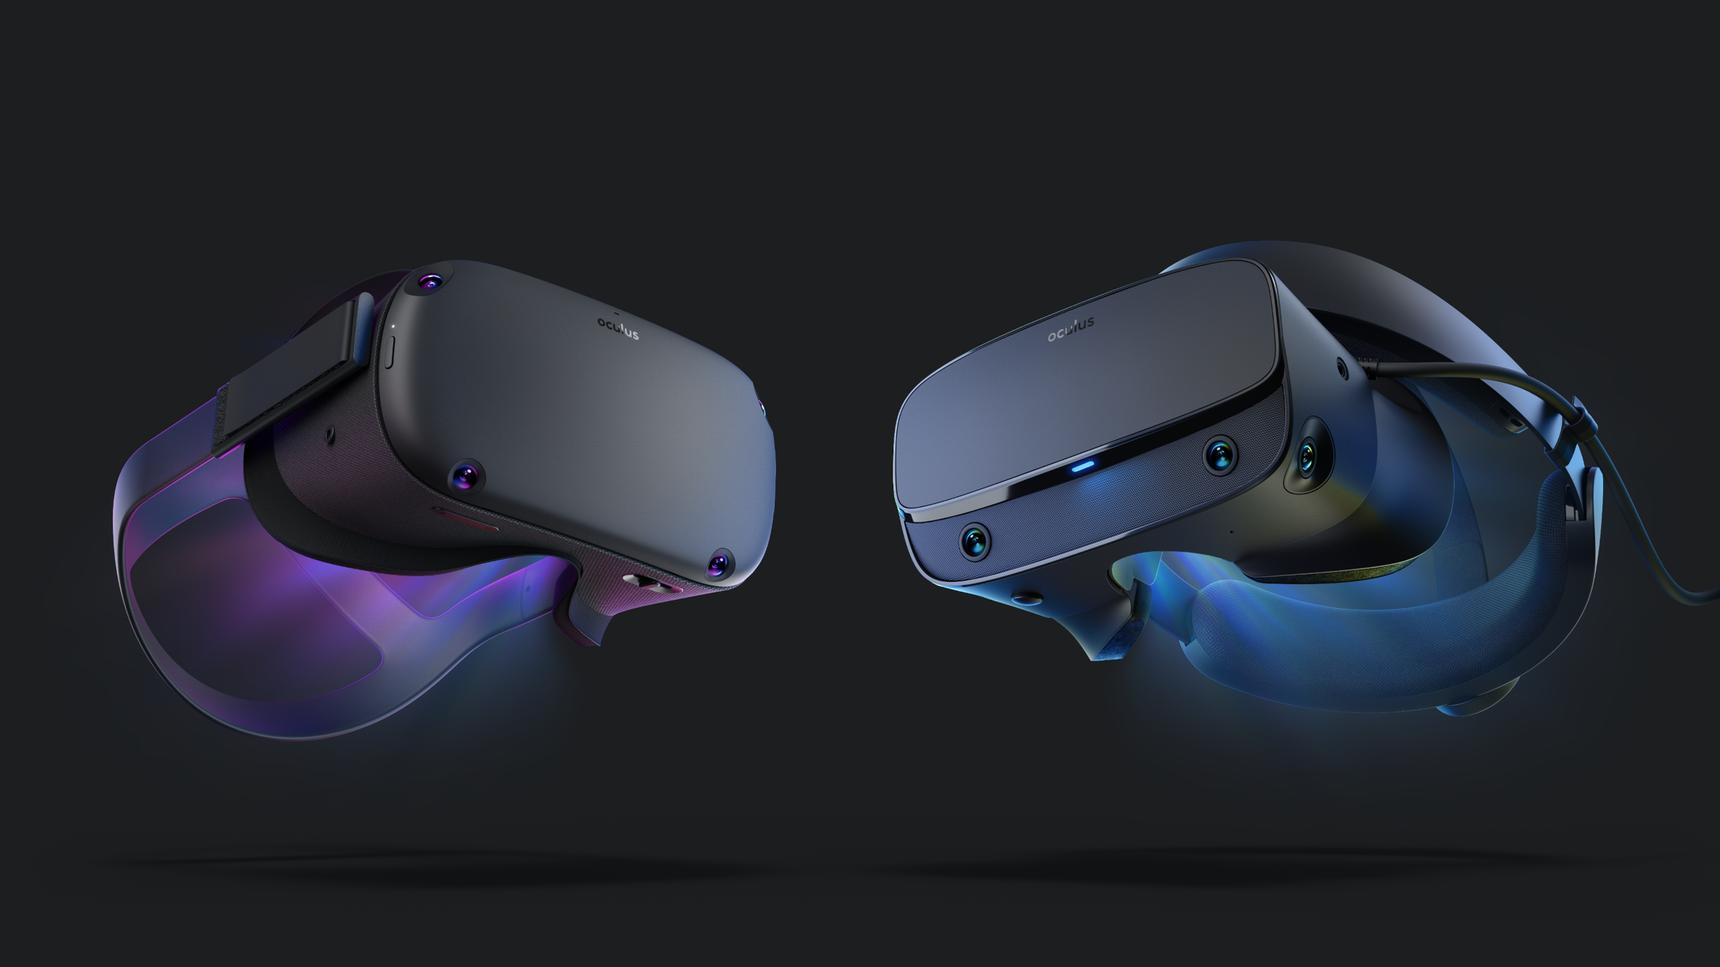 Oculus Rift S è ufficiale e promette di alzare l'asticella nel mondo della VR 1